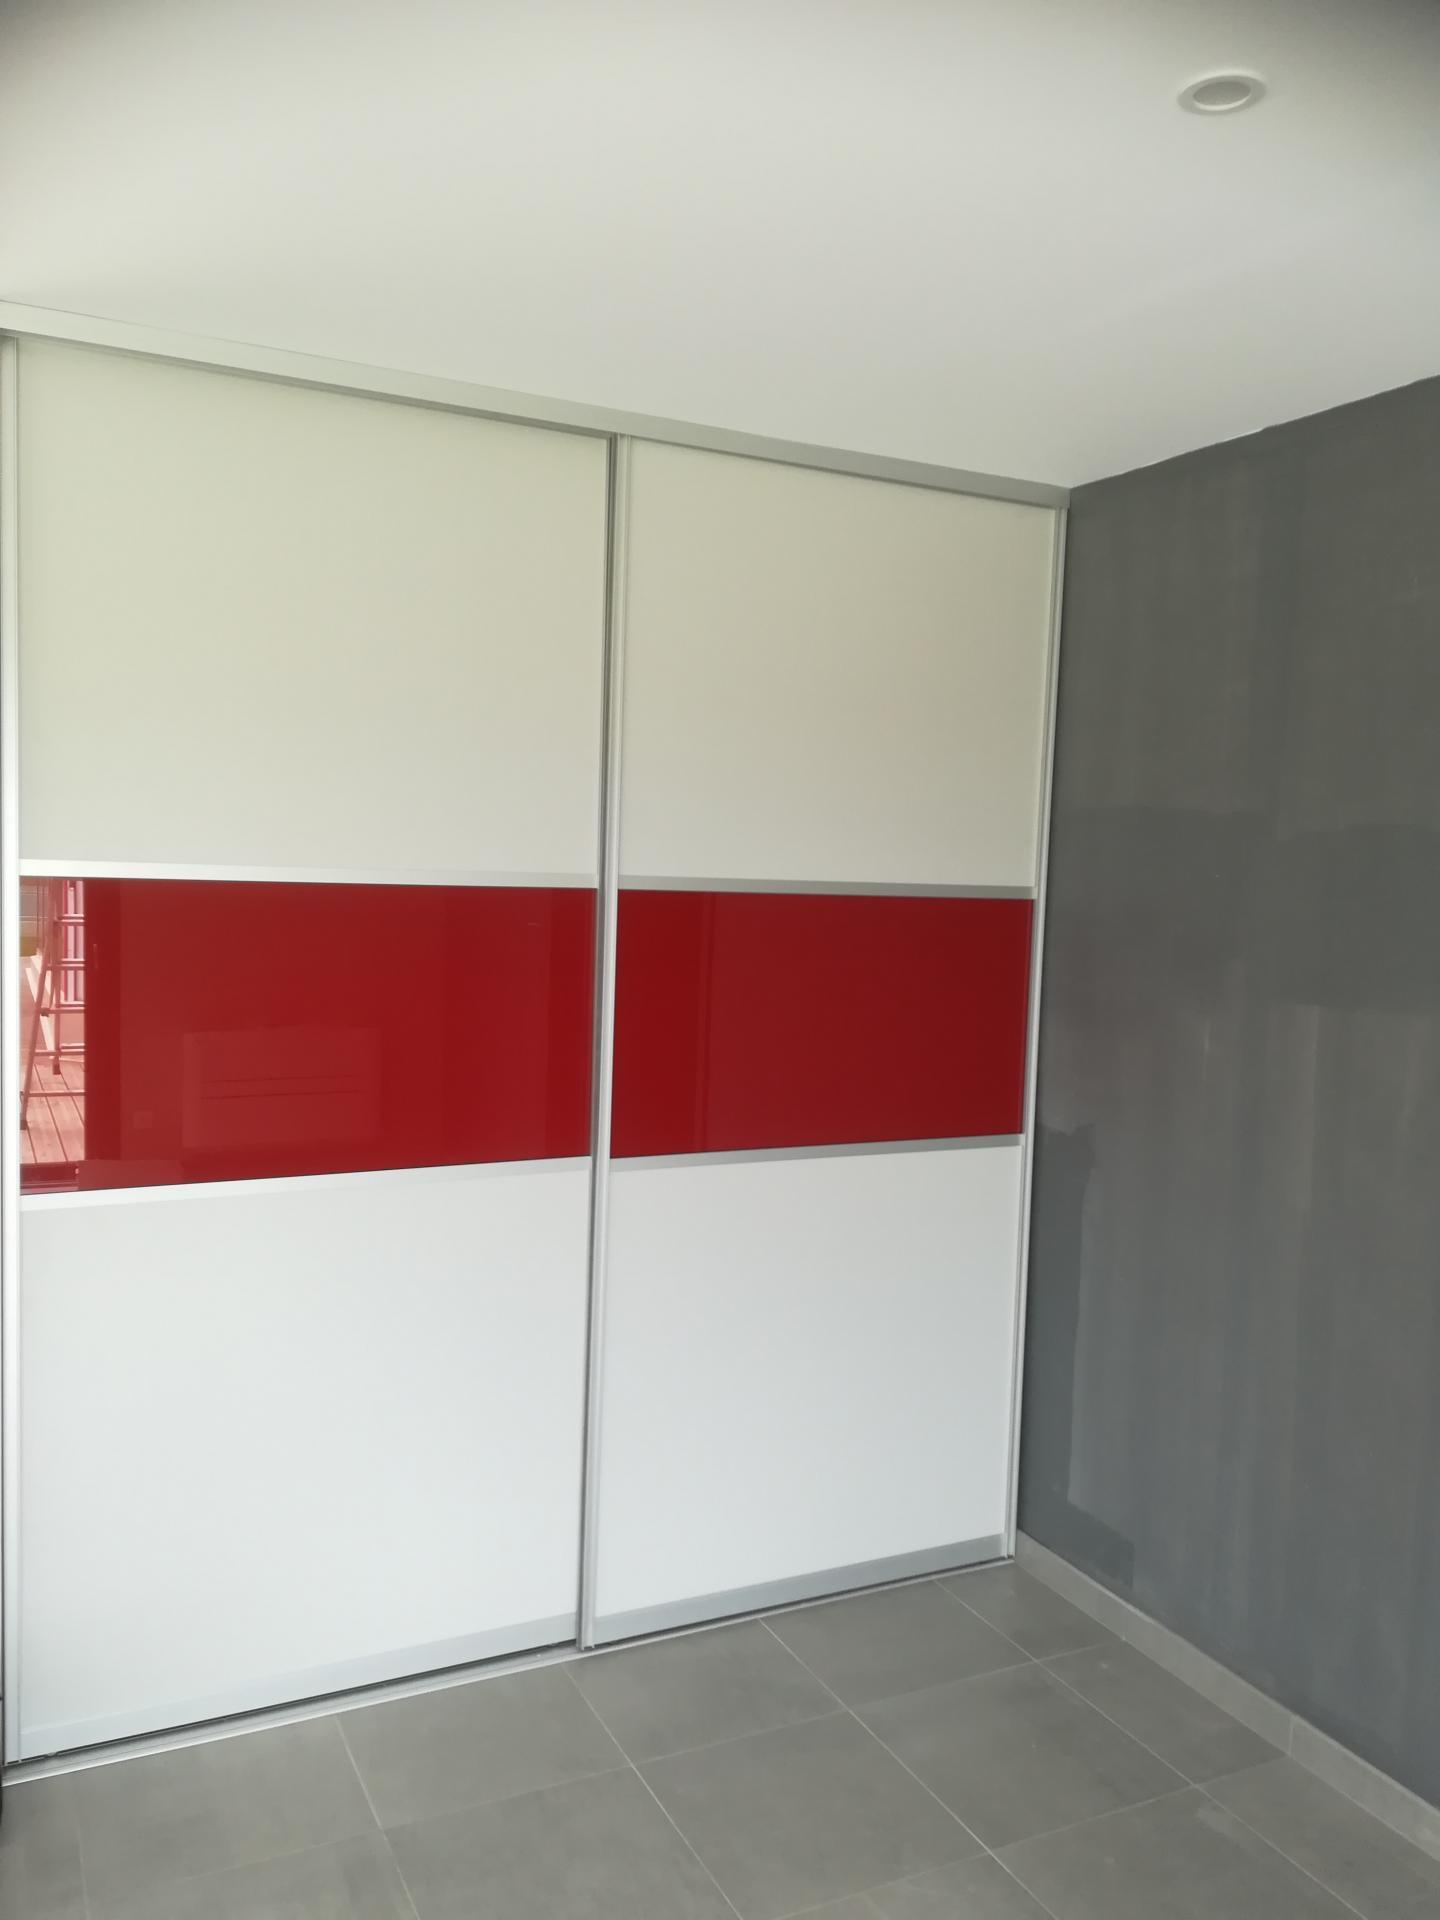 Portes blanc et verre laqué rouge